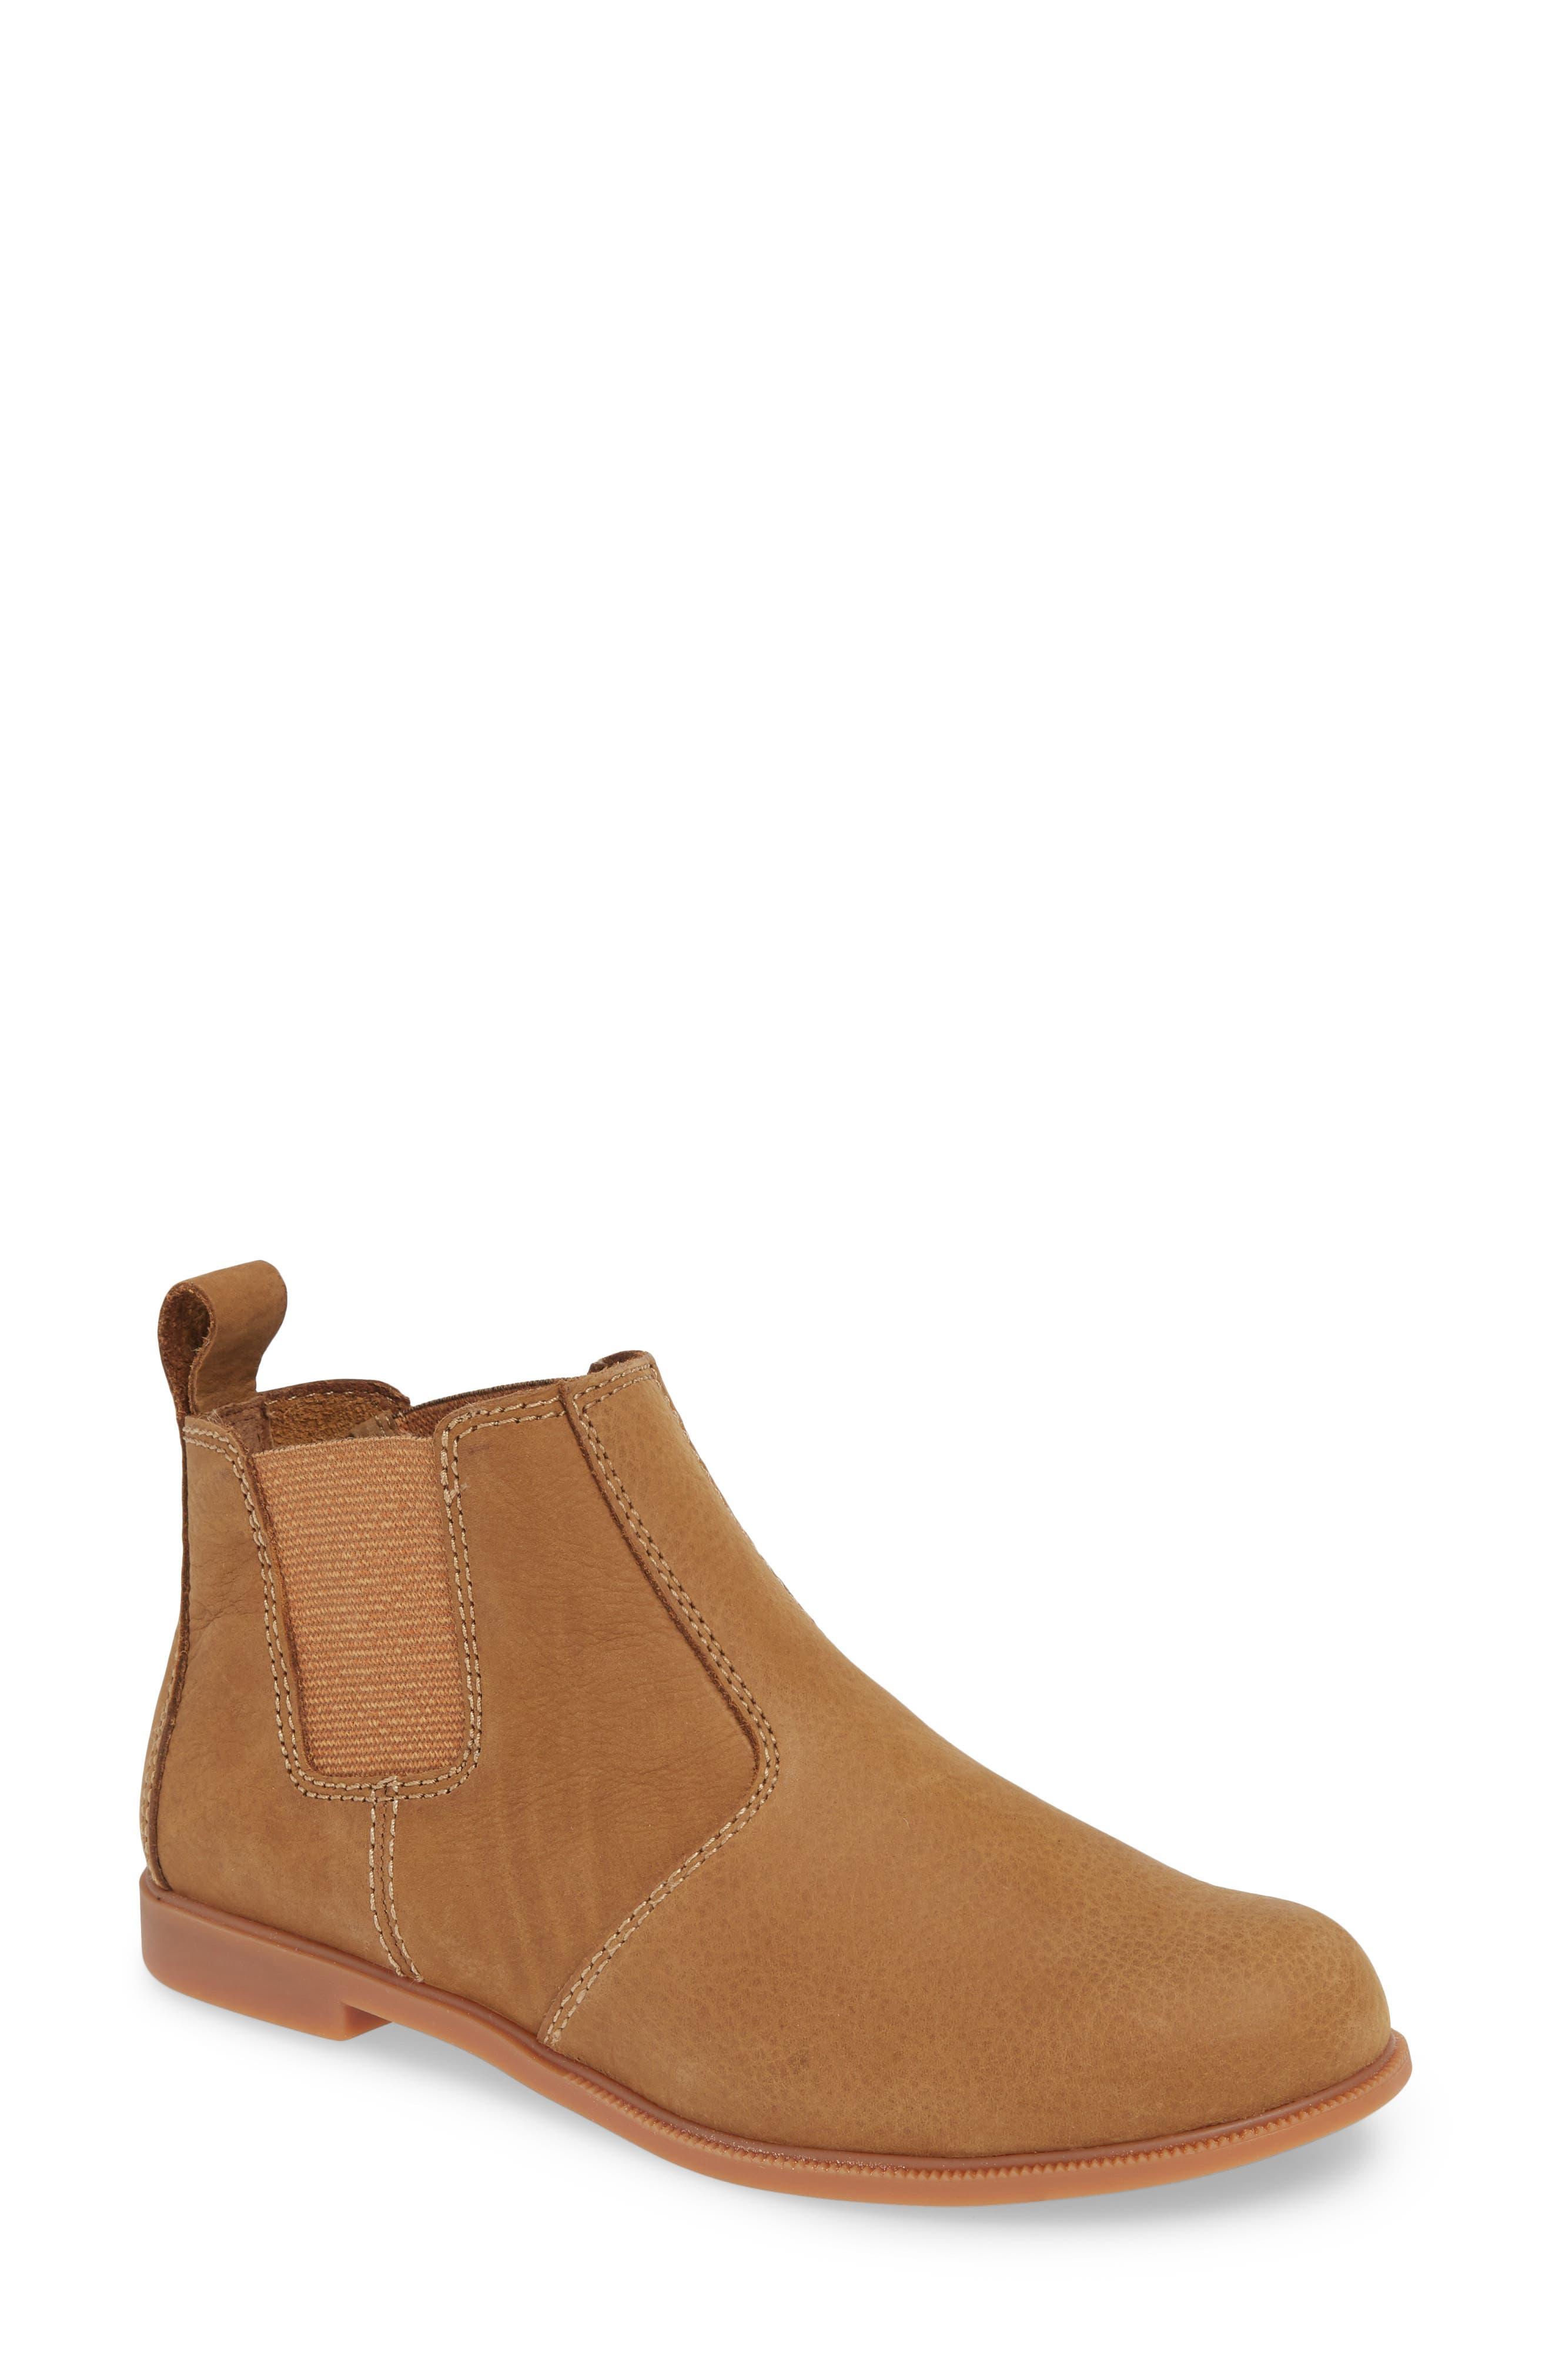 Kodiak Low Rider Chelsea Boot- Brown